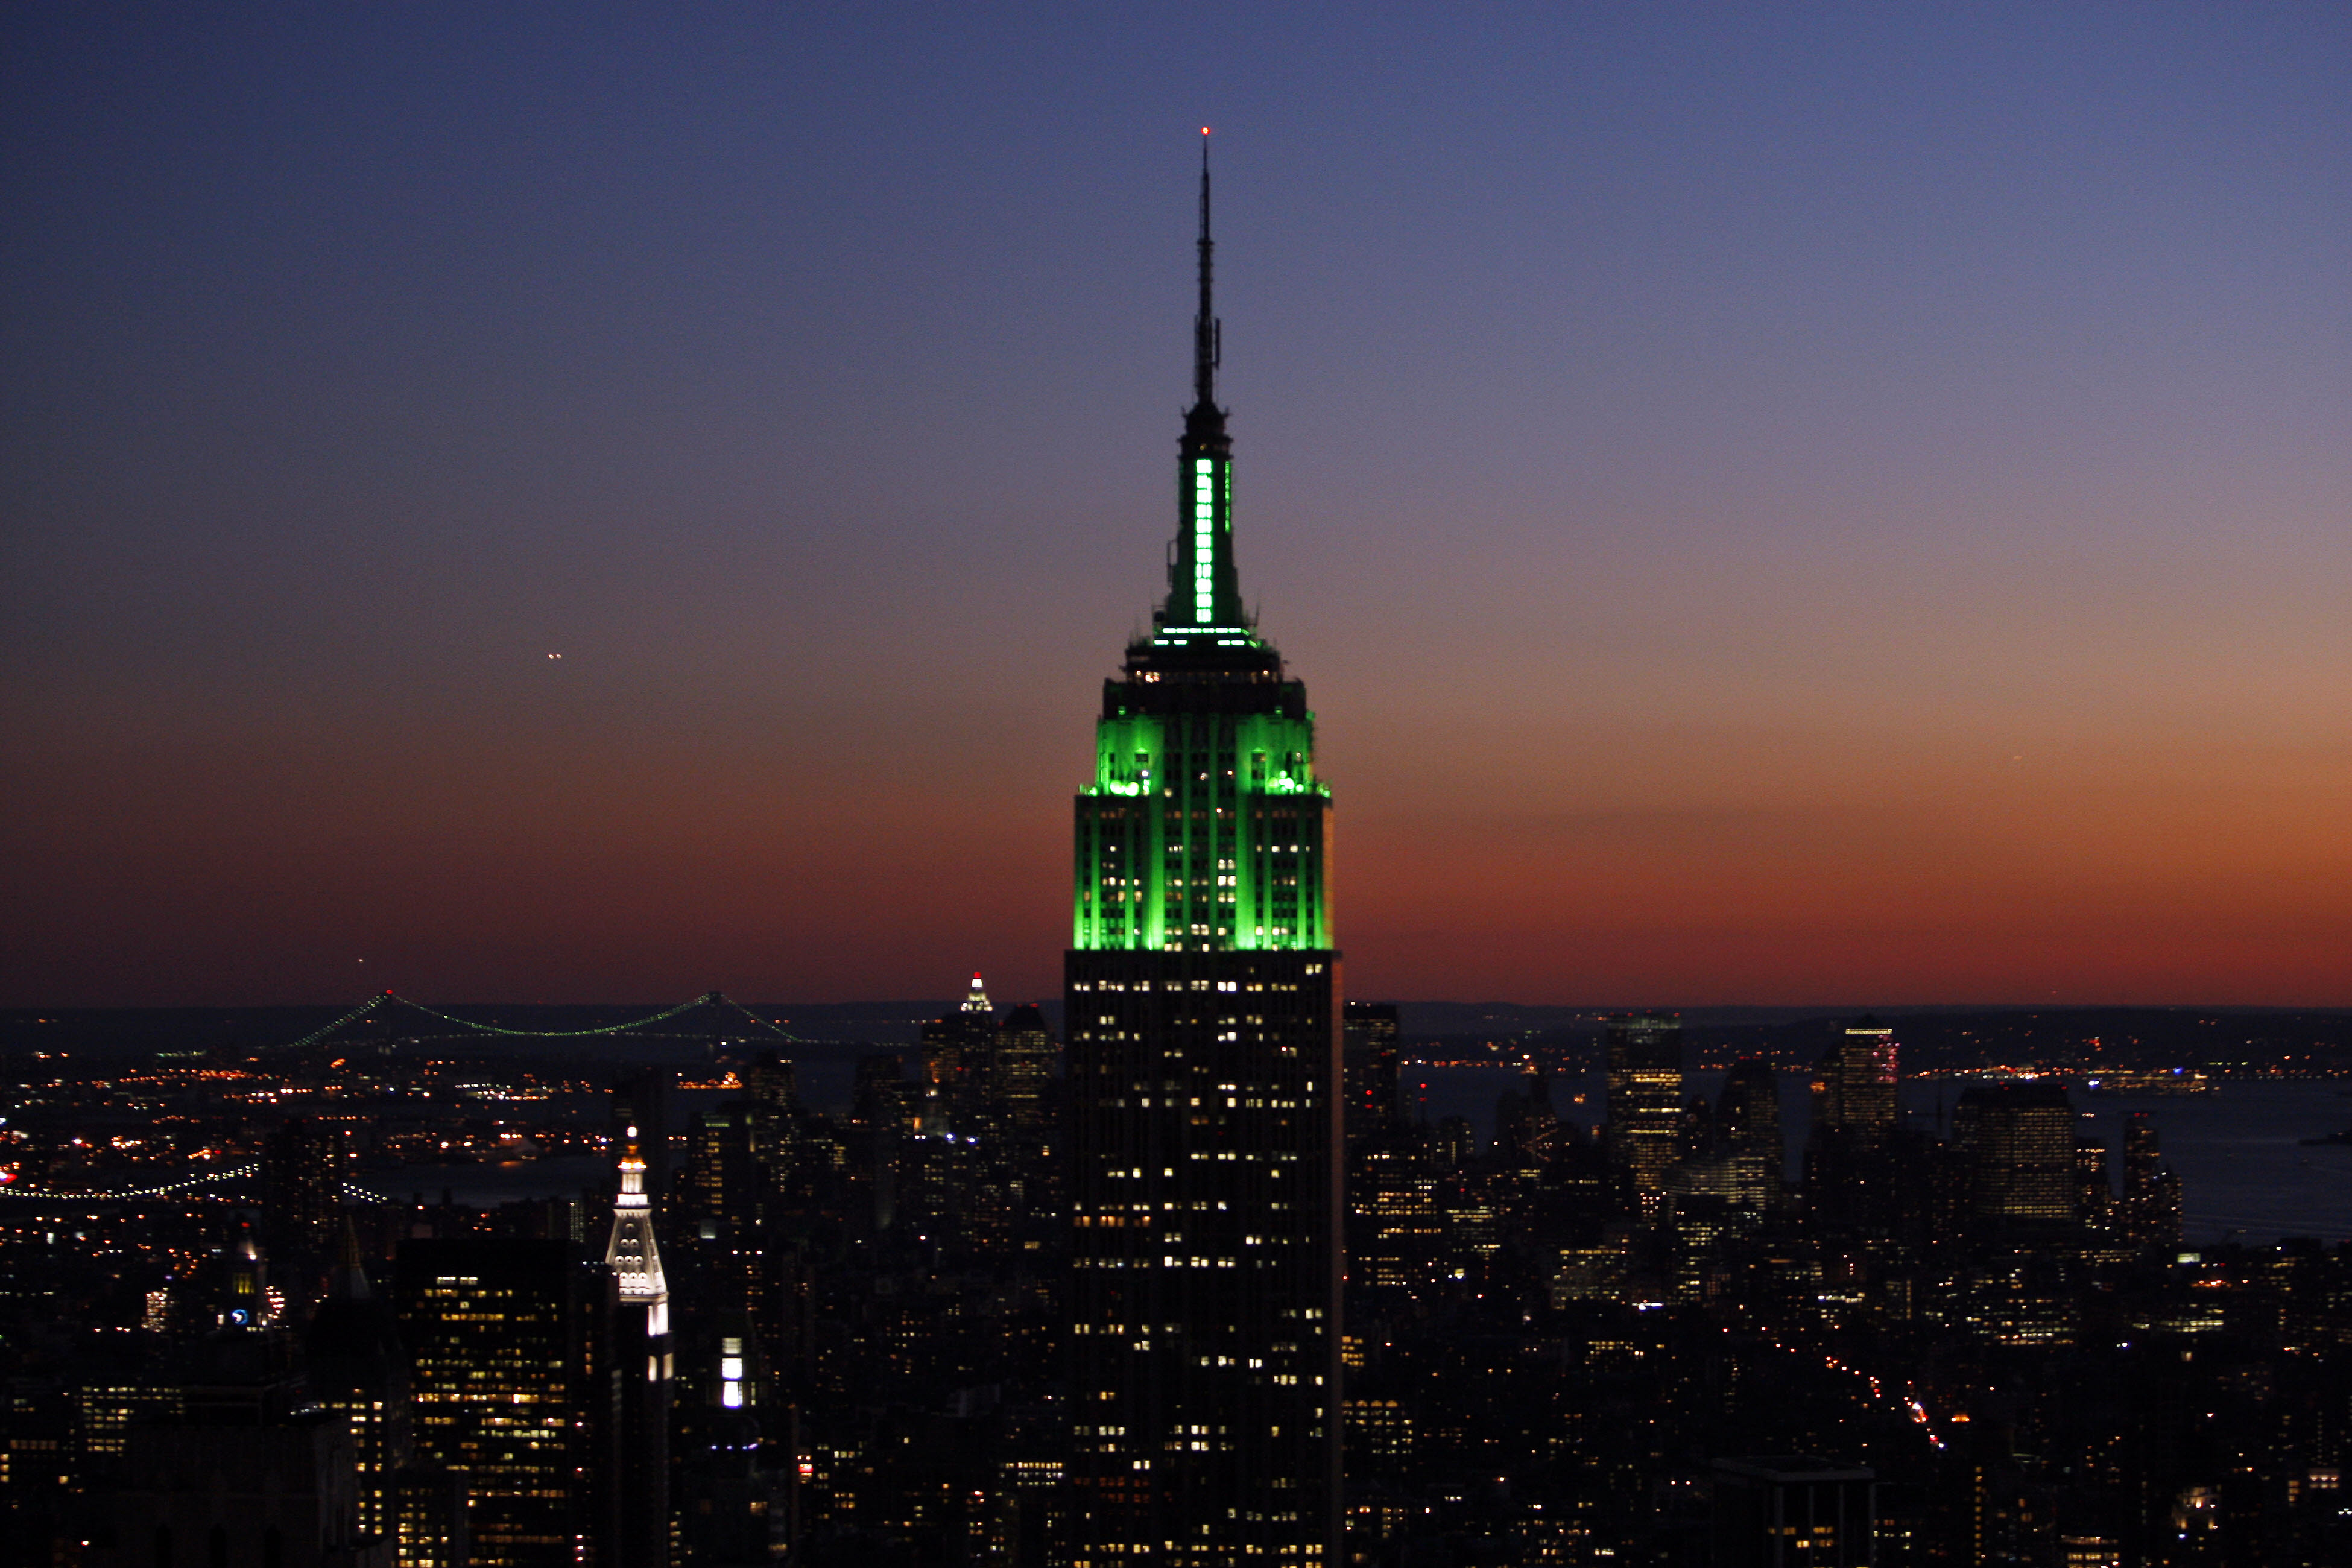 Le sommet de l'Empire State Building éclairé en vert, de nuit. (© Getty Images)